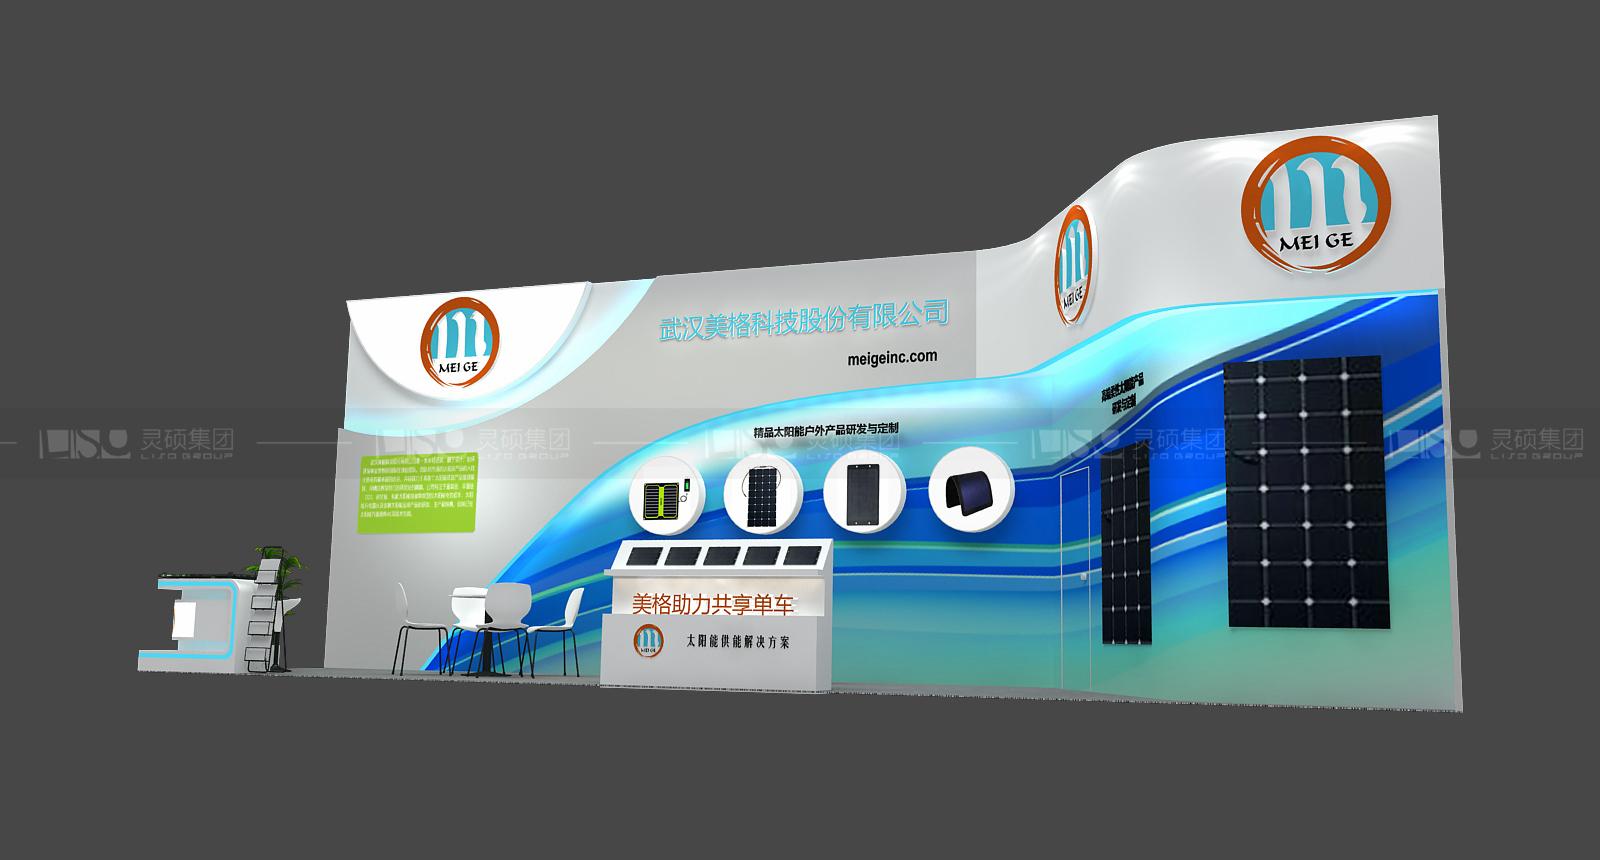 美格-光伏展台设计搭建案例